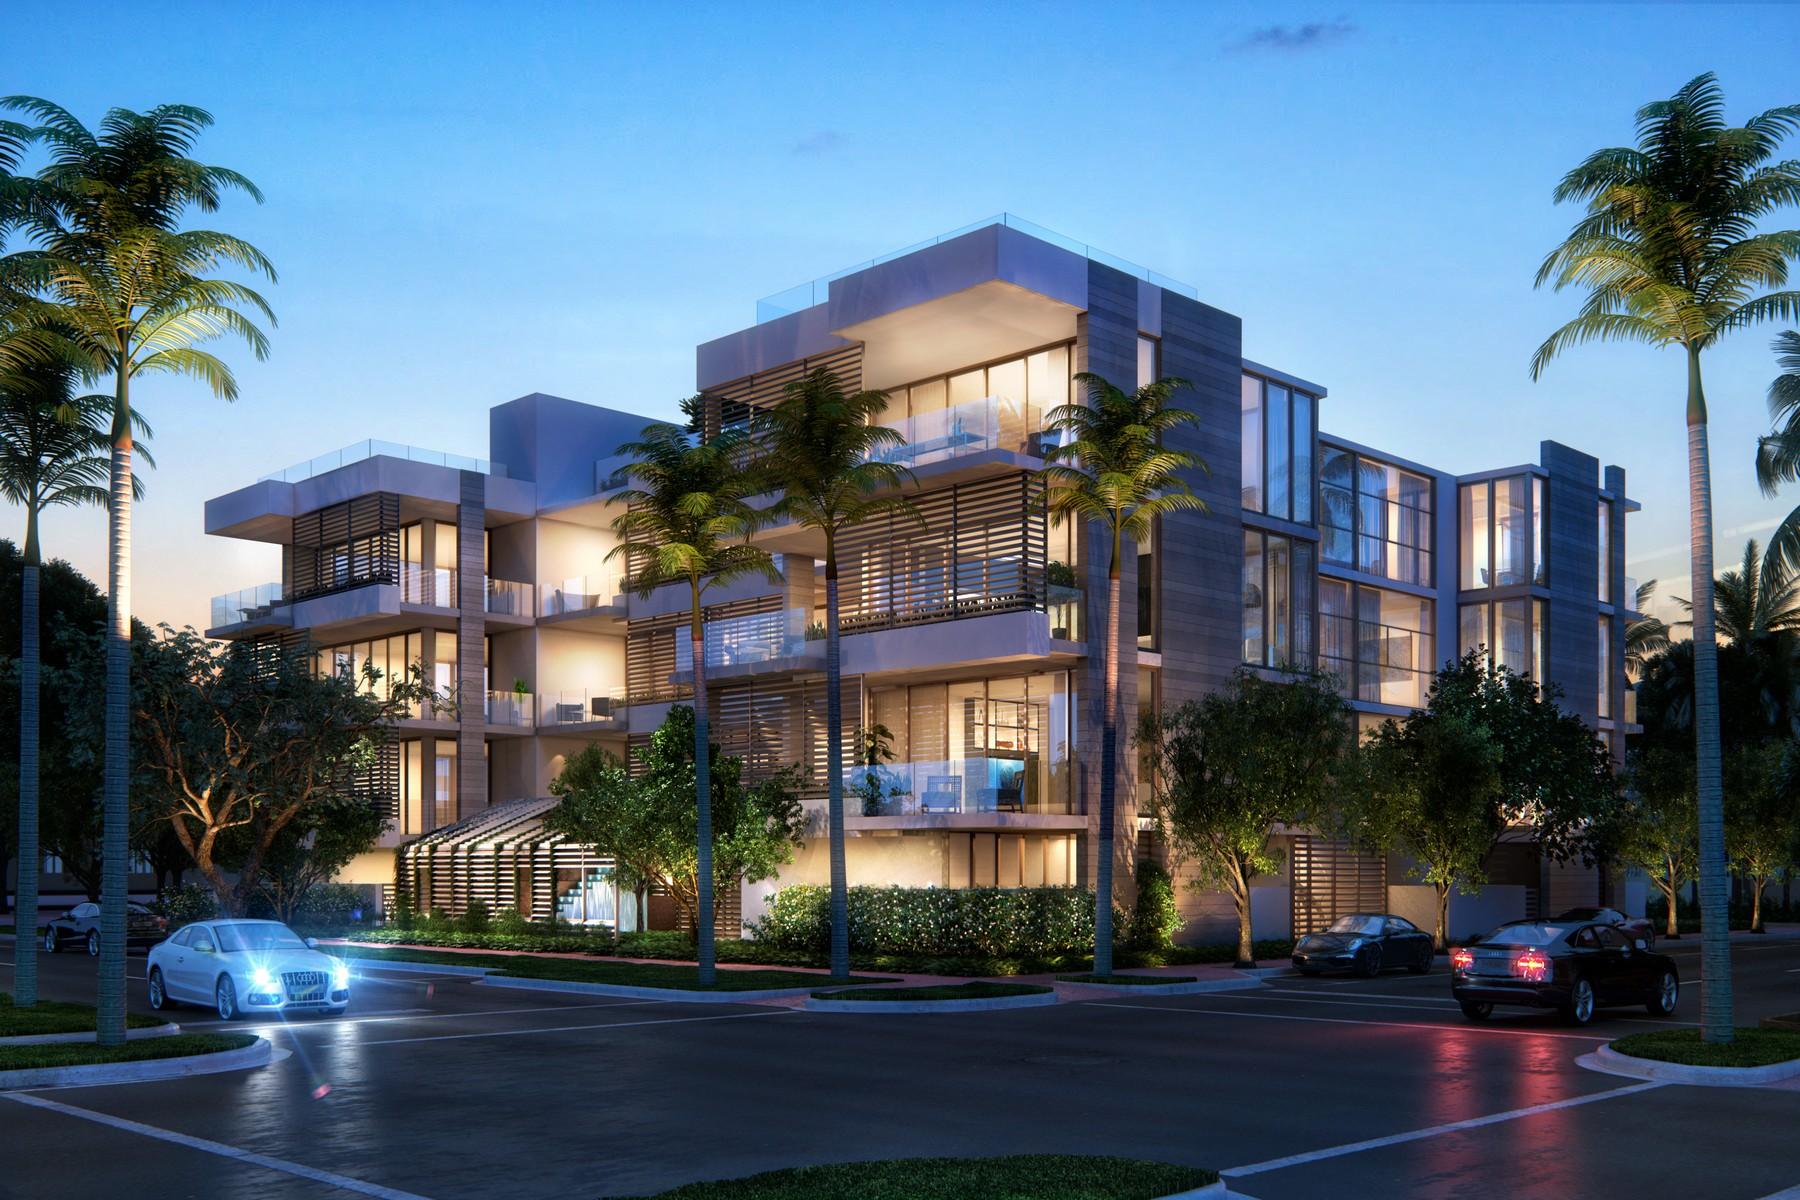 Частный односемейный дом для того Продажа на 311 Meridian Ave #301 Miami Beach, Флорида 33139 Соединенные Штаты